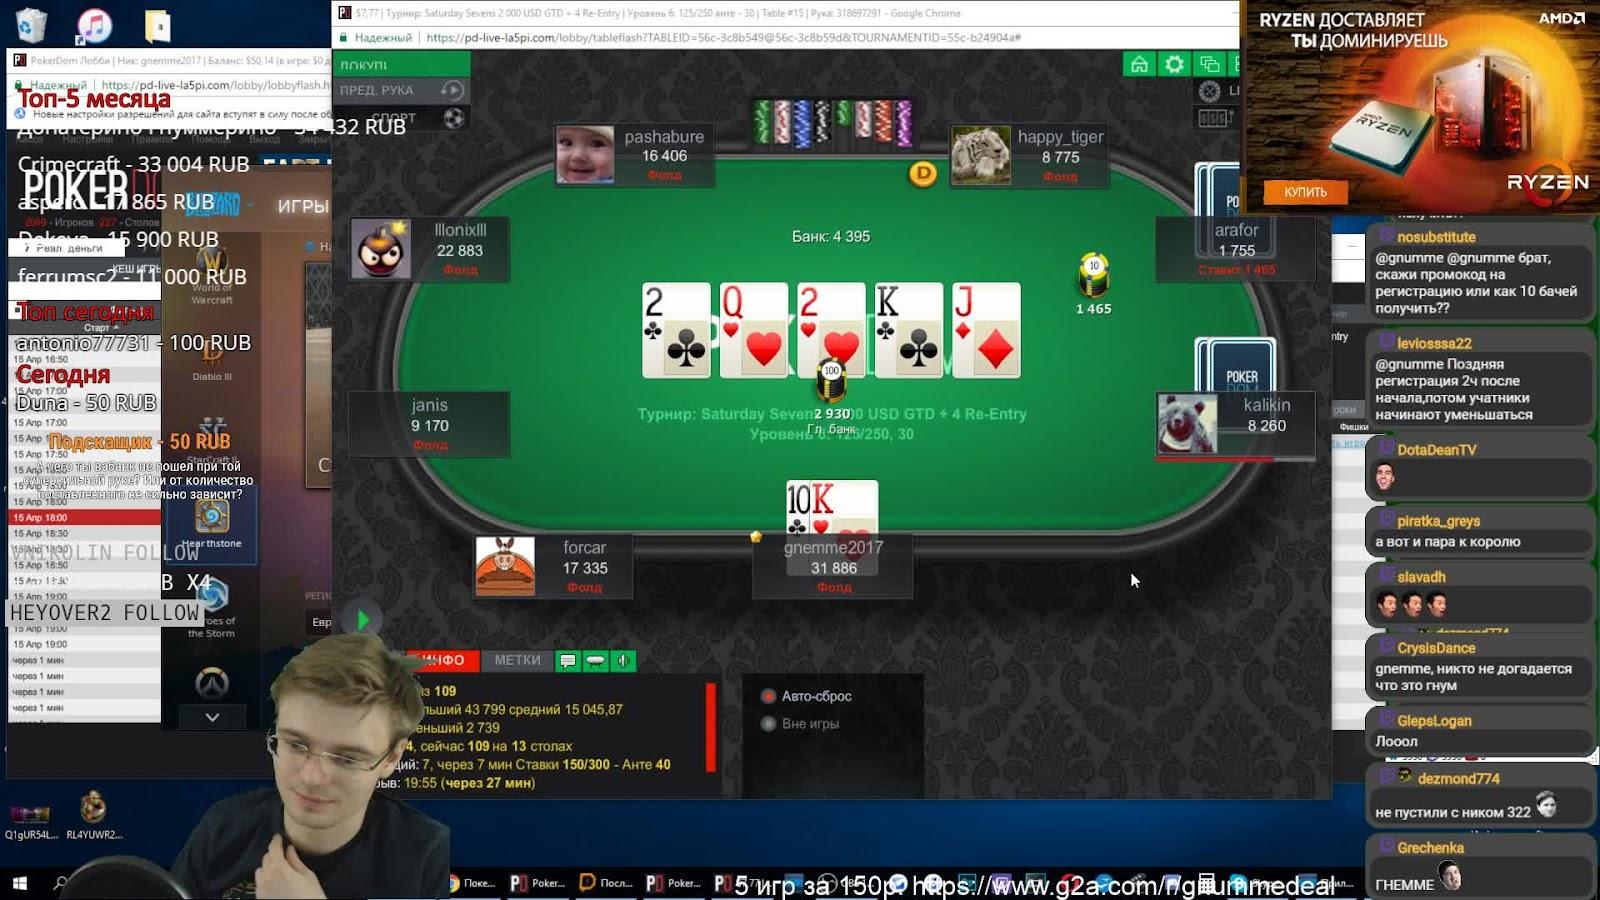 Пароли на фрироллы Pokerdom — доступные пароли в 2020